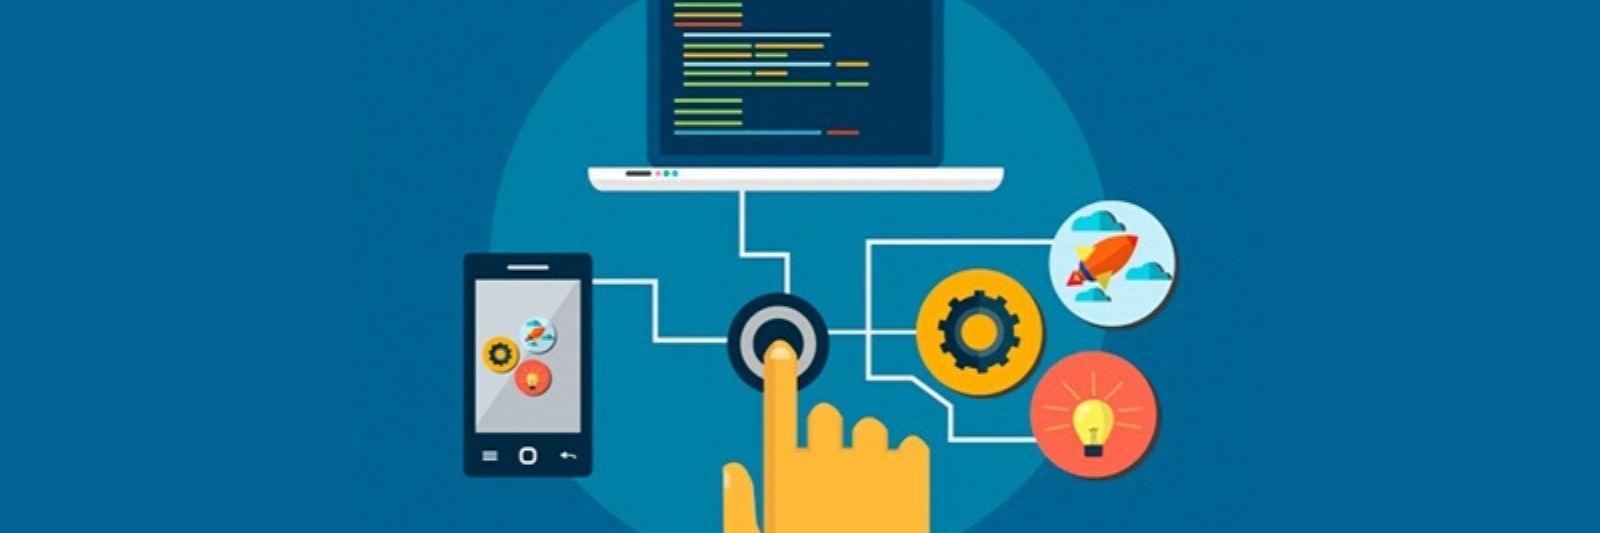 La importancia de las metodologías ágiles en el desarrollo de apps